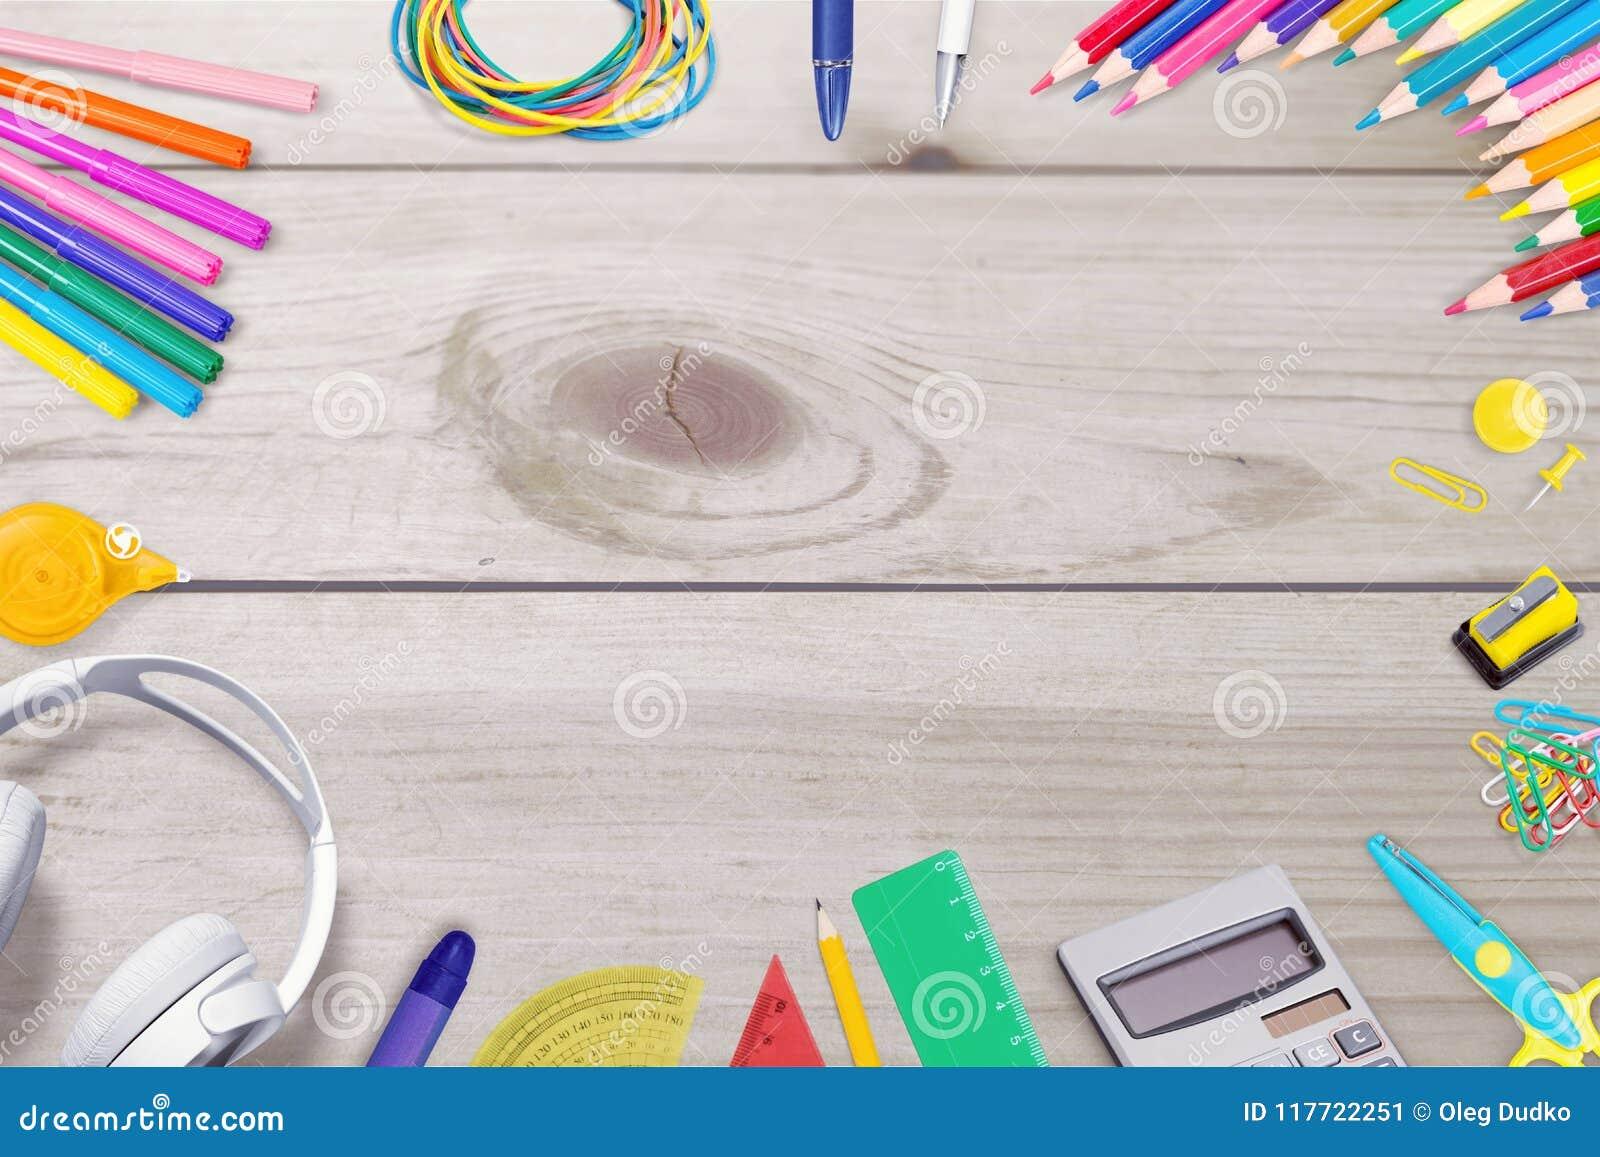 crafts stock image image of pencil desktop background 117722251 https www dreamstime com crafts crafts art desk artist top background desktop image117722251